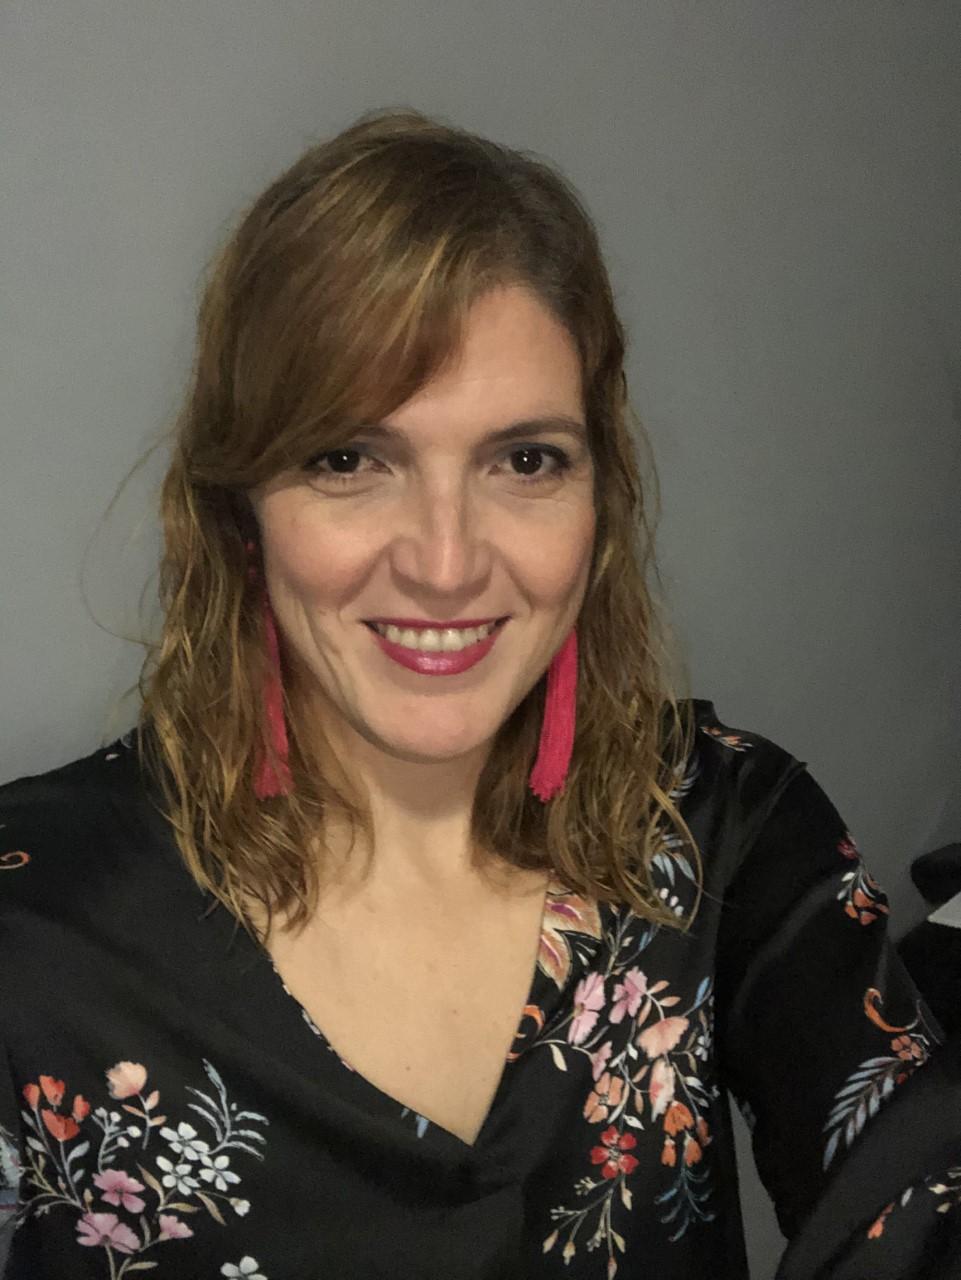 BeatrizPalmero